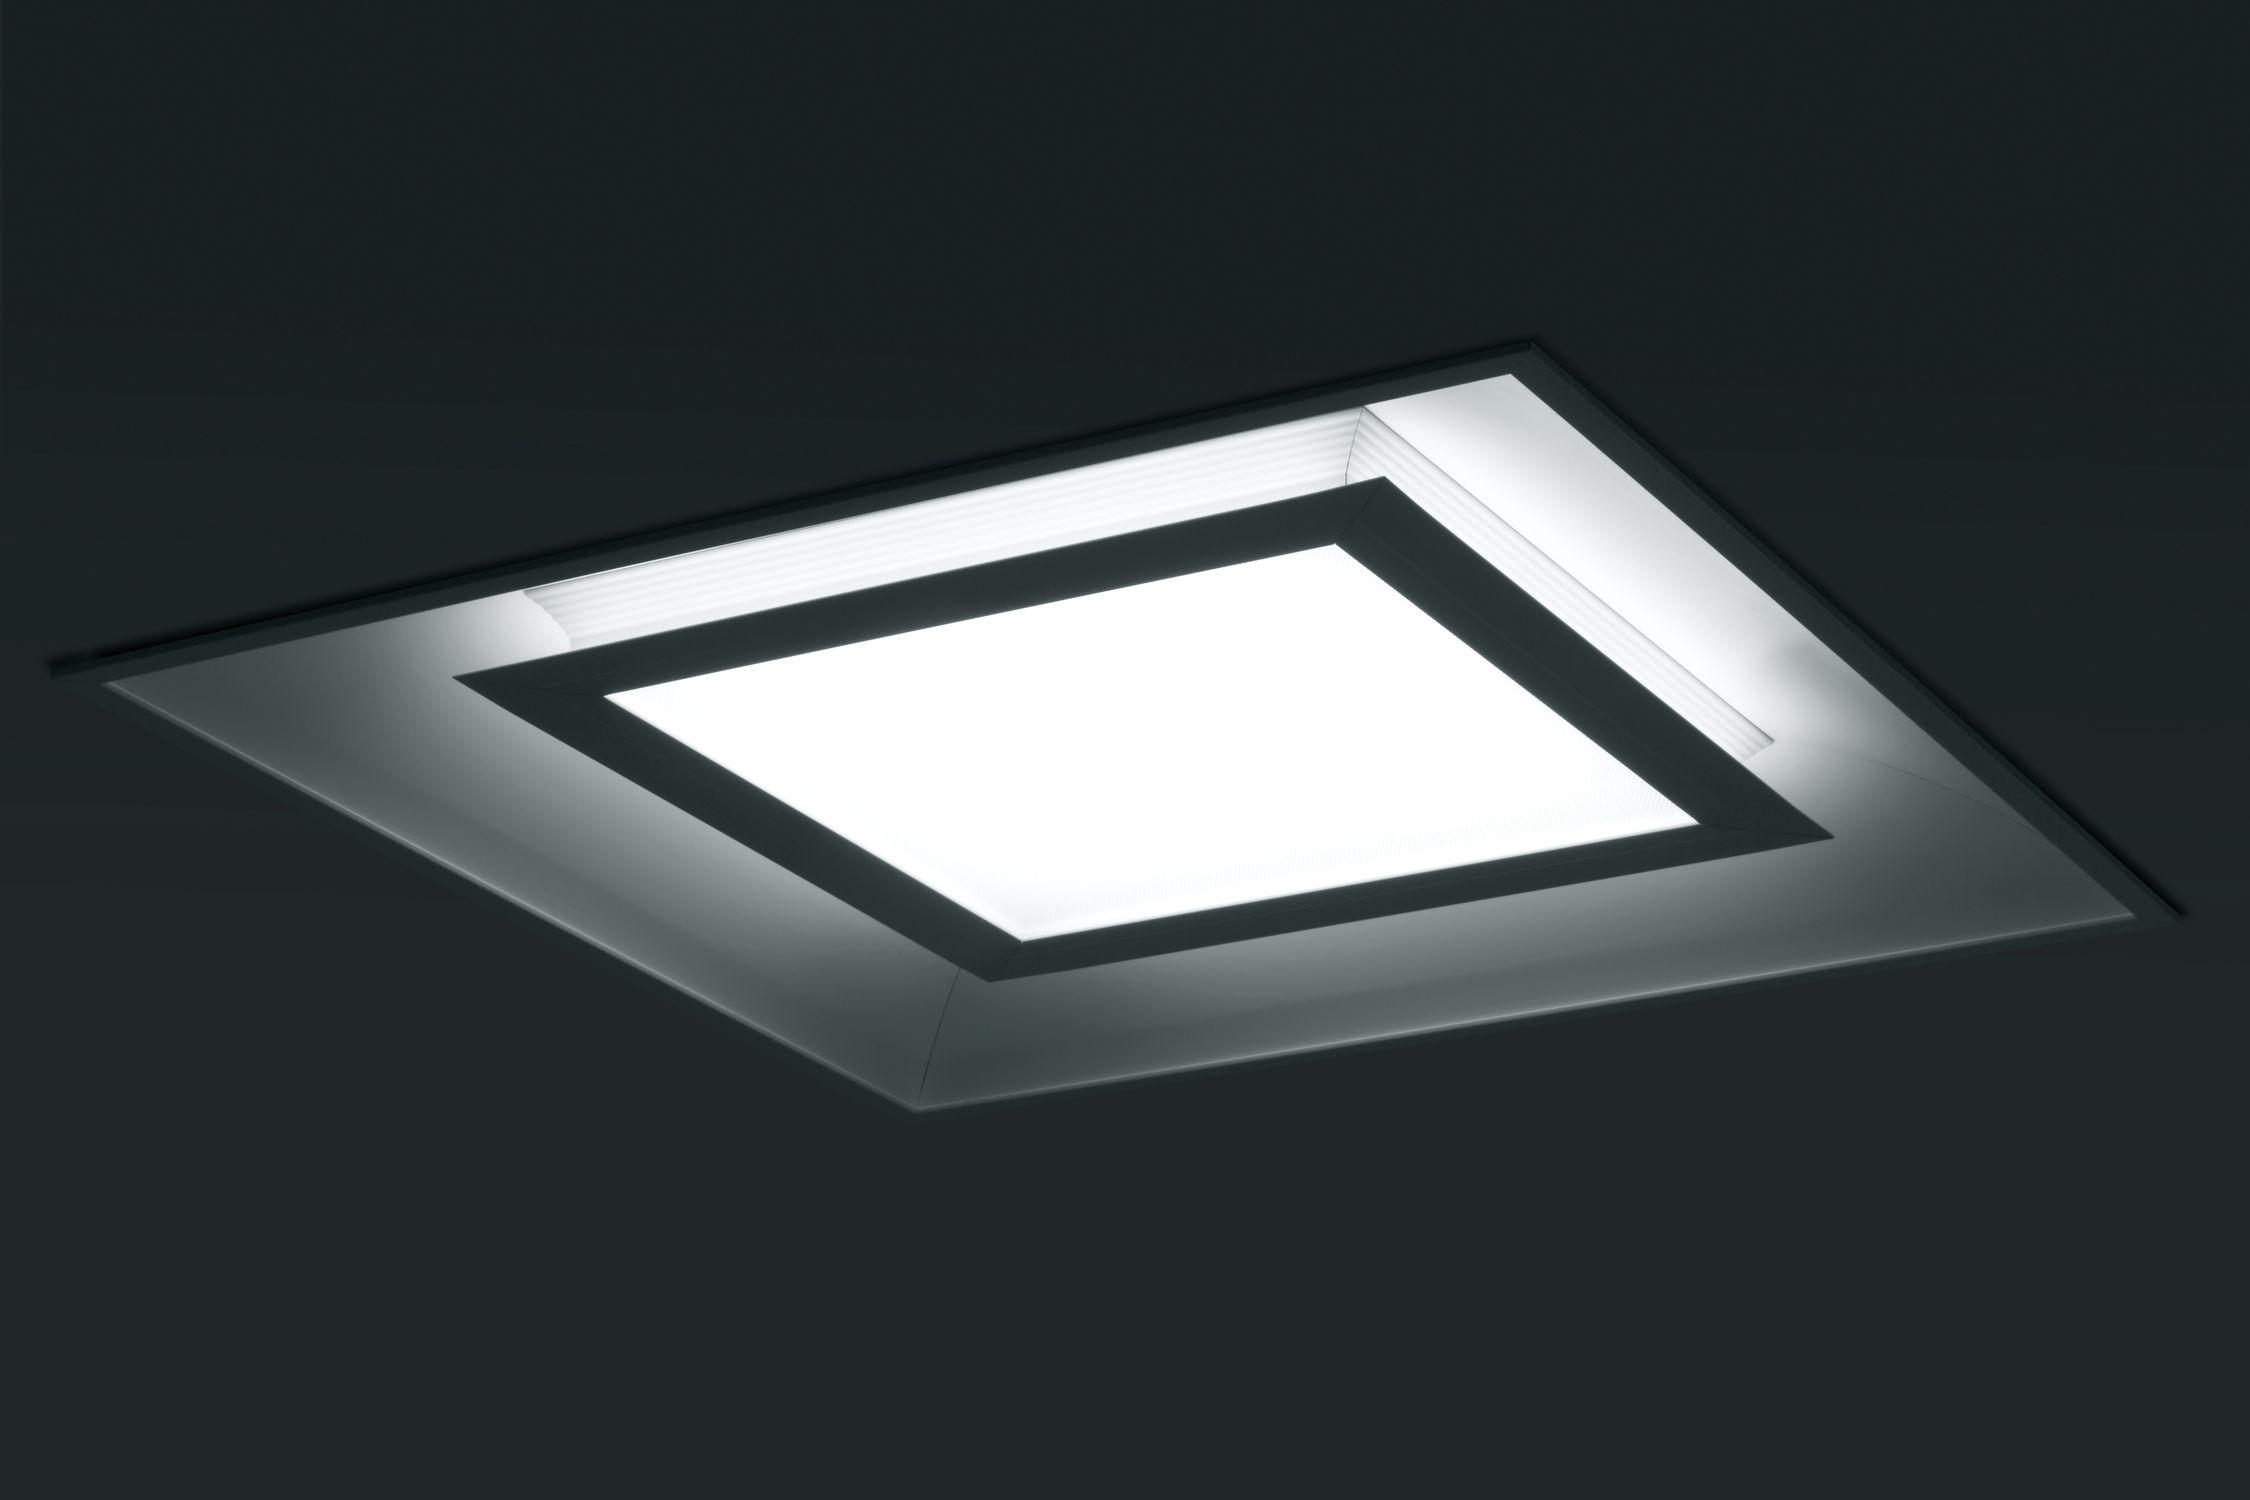 Recessed Ceiling Light Fixture Led Square Aluminum